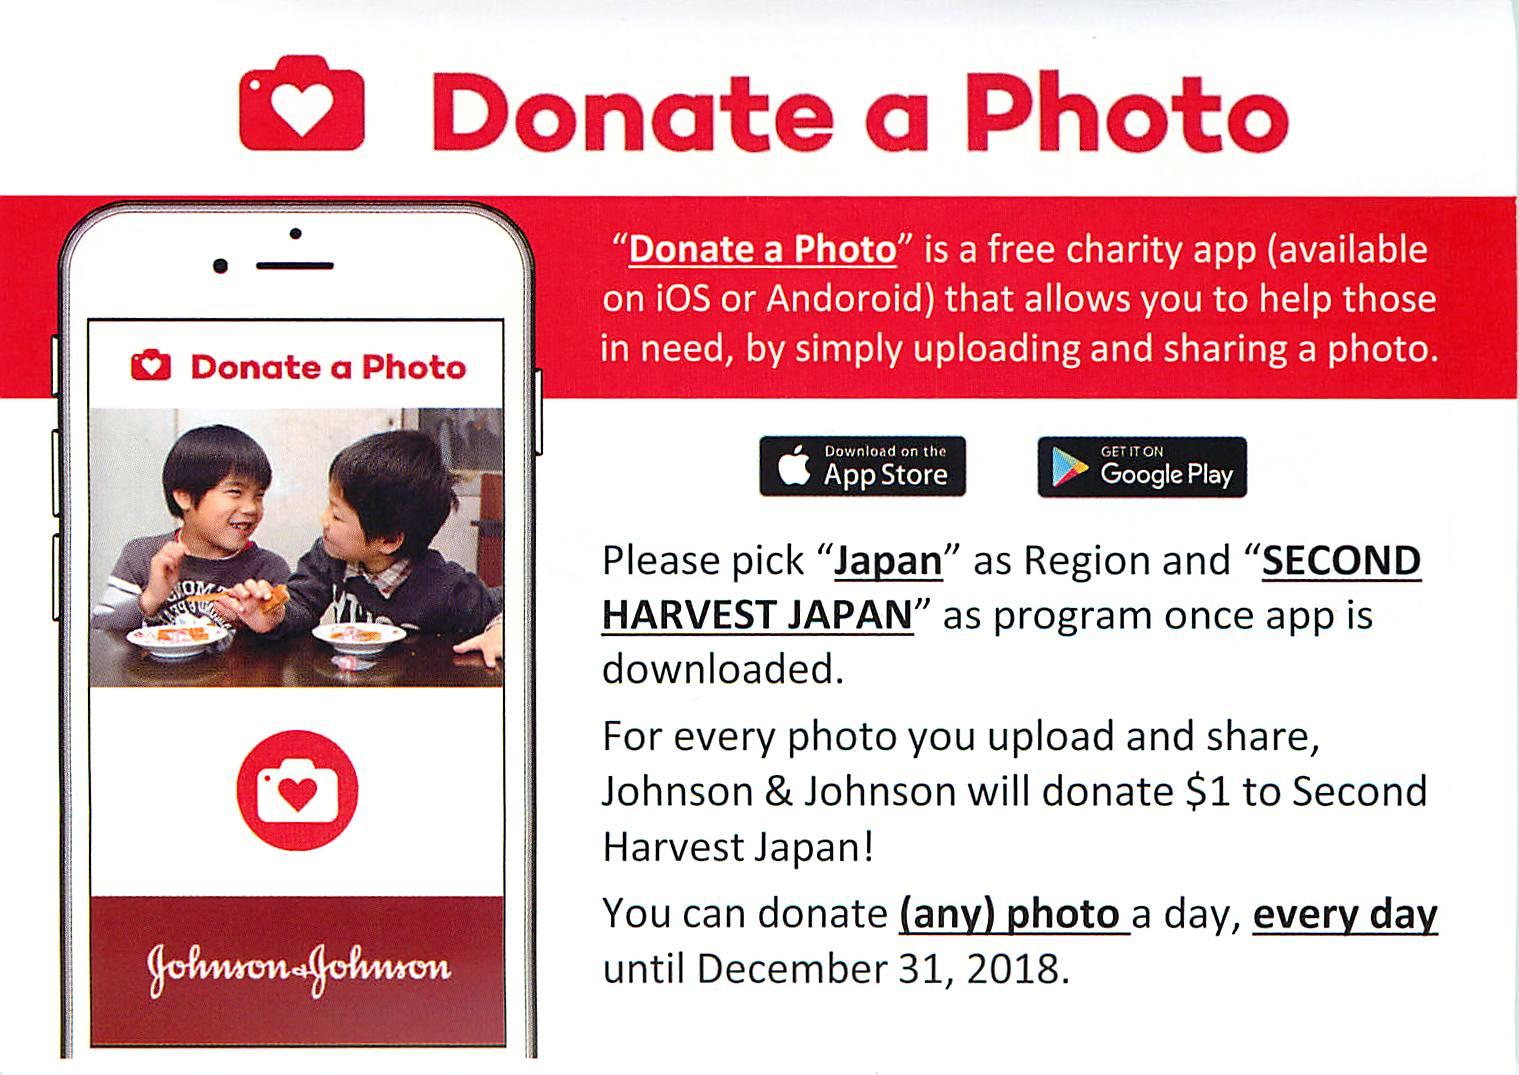 DonateAPhoto2018.Eng.pic